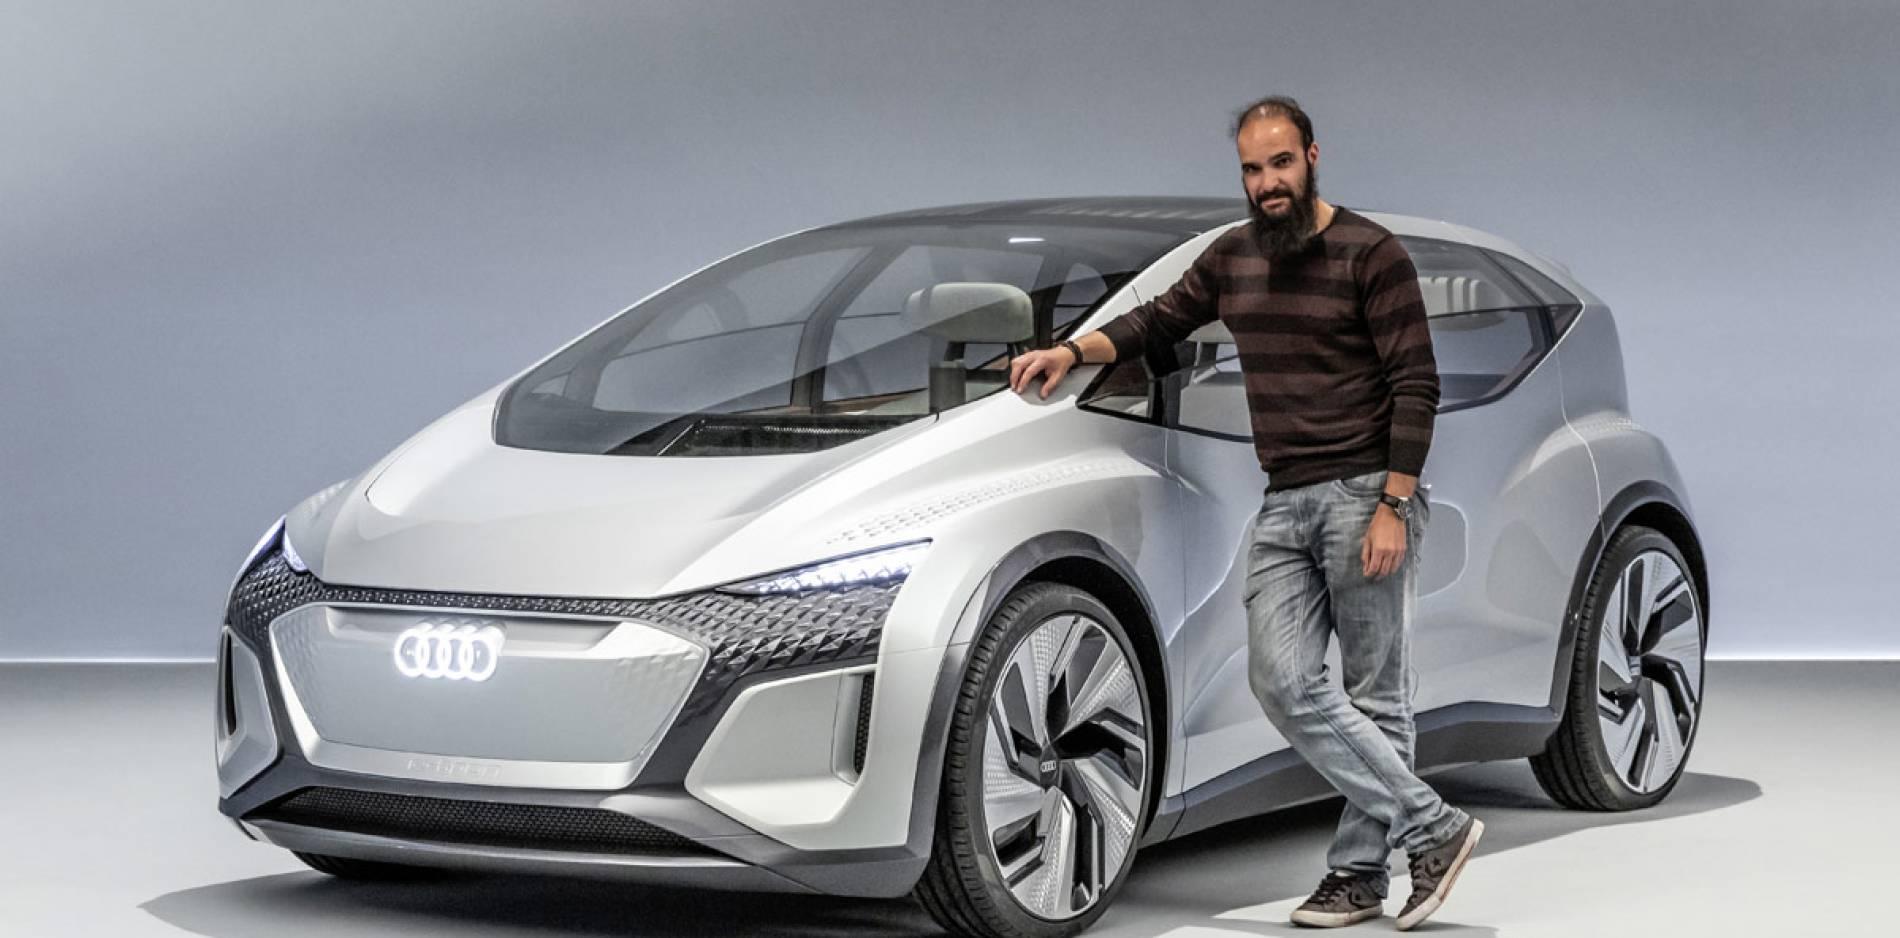 Descubrimos en persona el Audi AI:ME Concept, así interpreta el futuro de la automoción